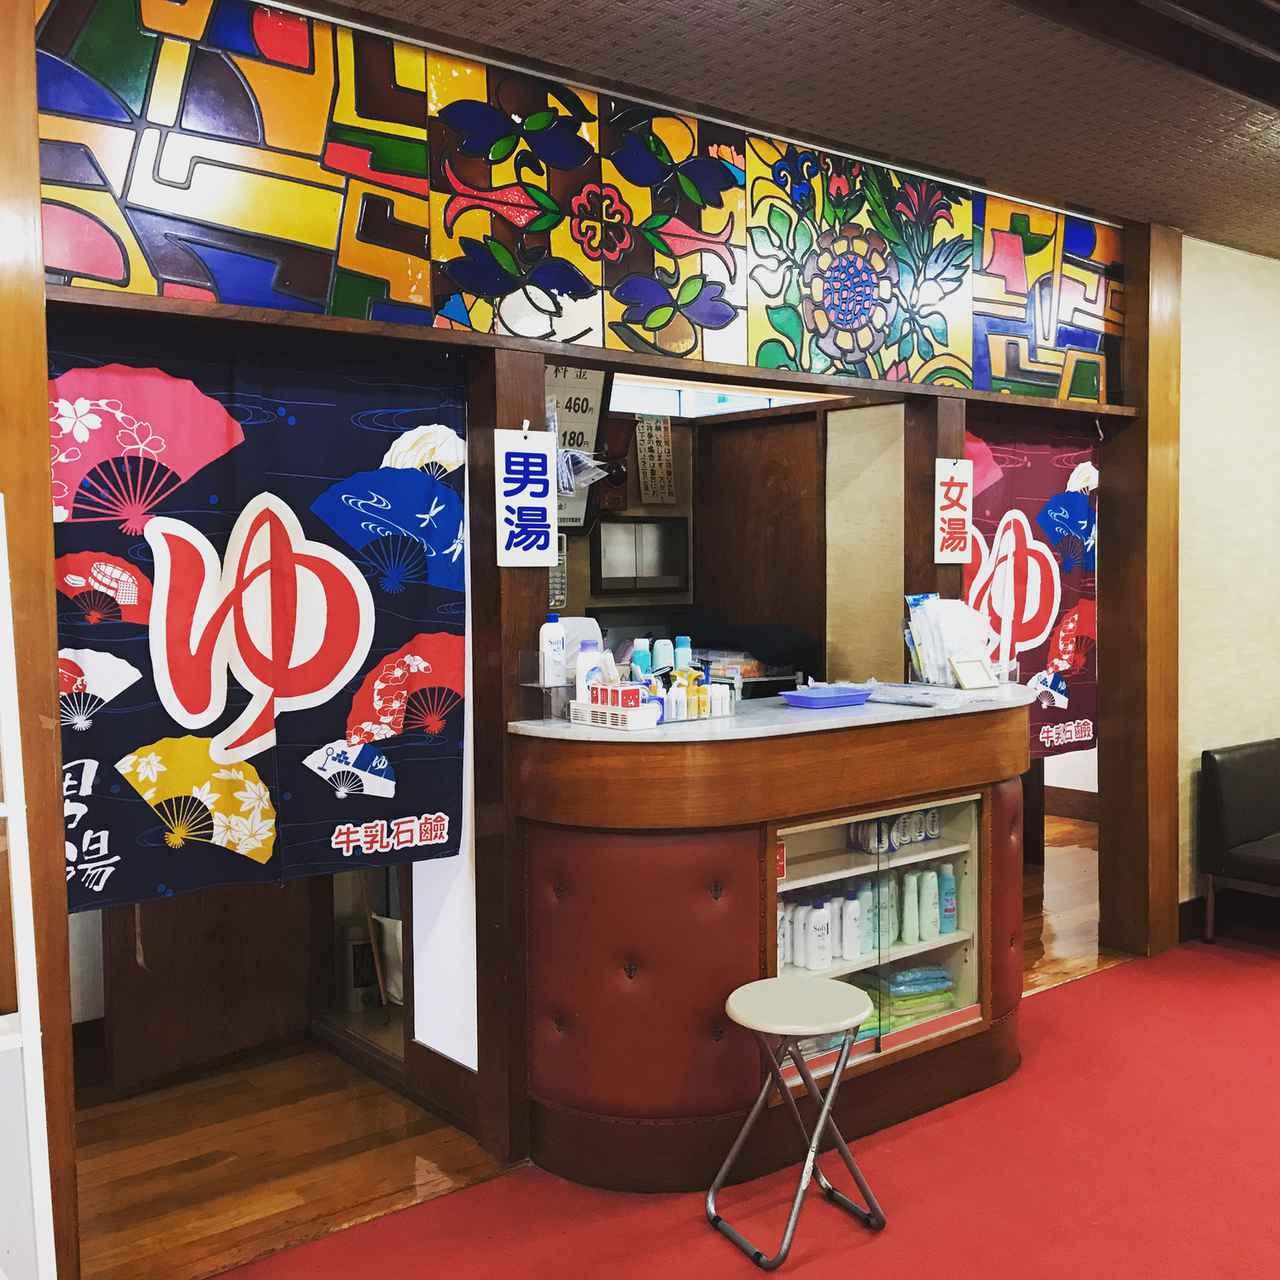 画像: 昭和レトロブーム到来!? 若者の間で大人気!伝統と最先端を融合させた最強のお風呂「銭湯」